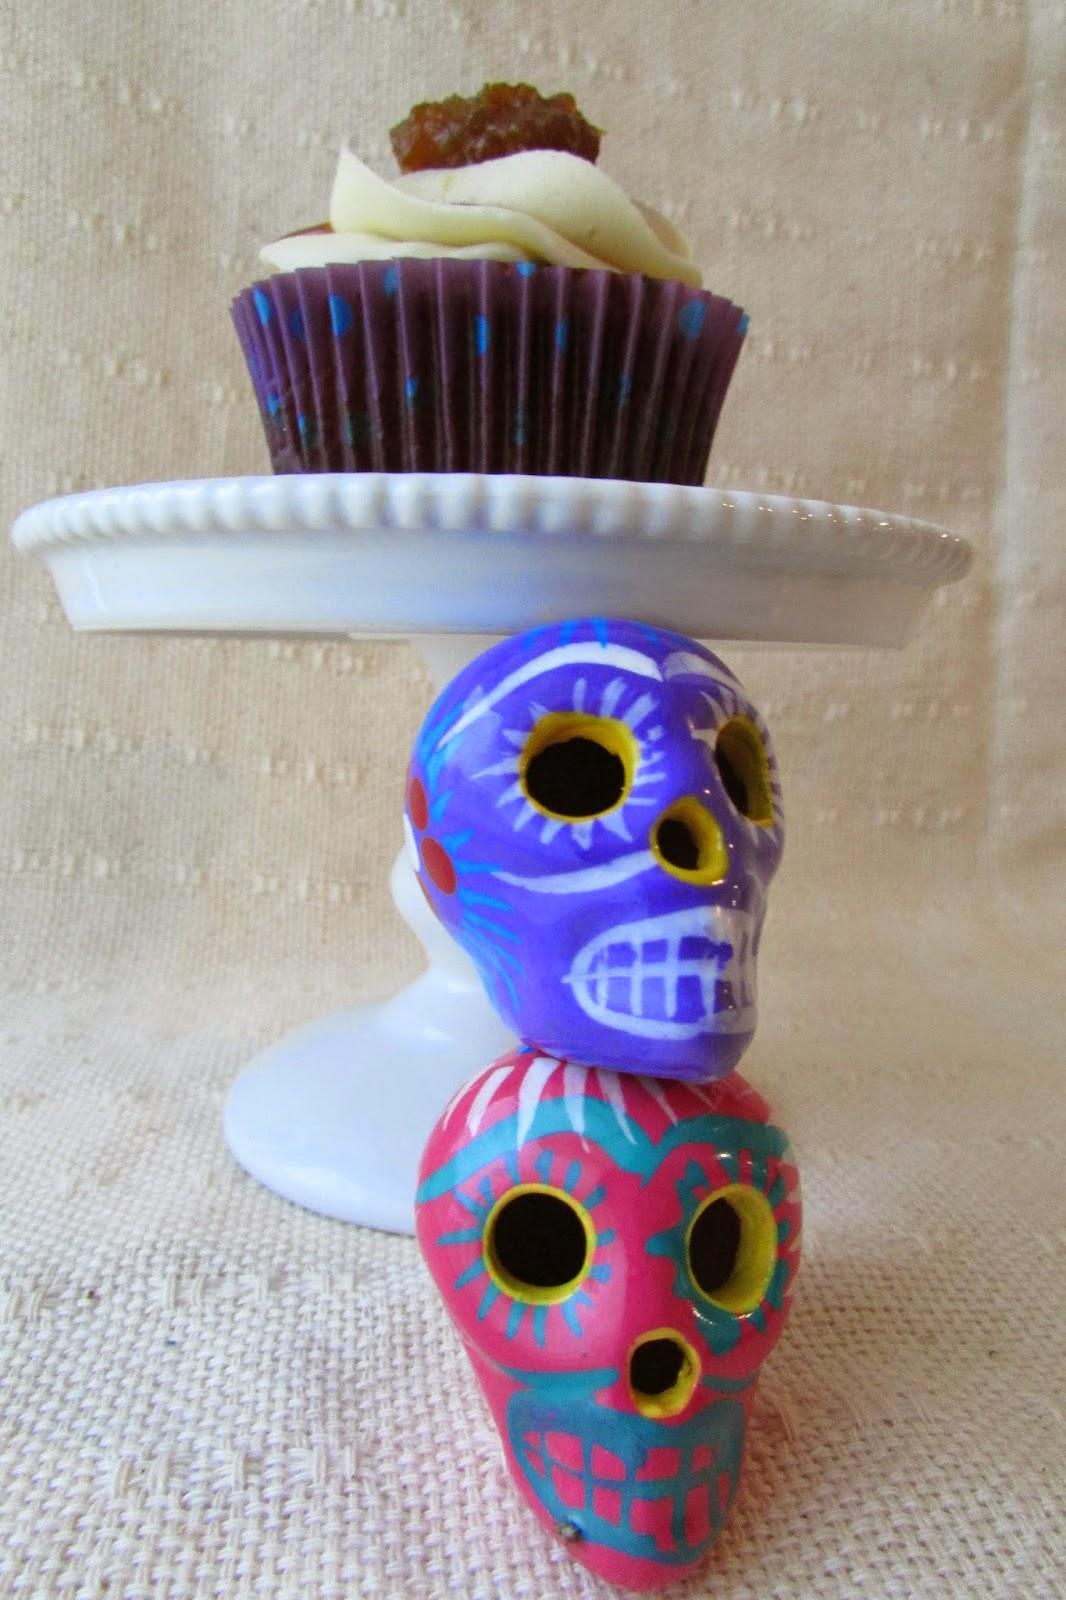 cupcake-mexico-dulce-de-calabaza-dia-de-muertos